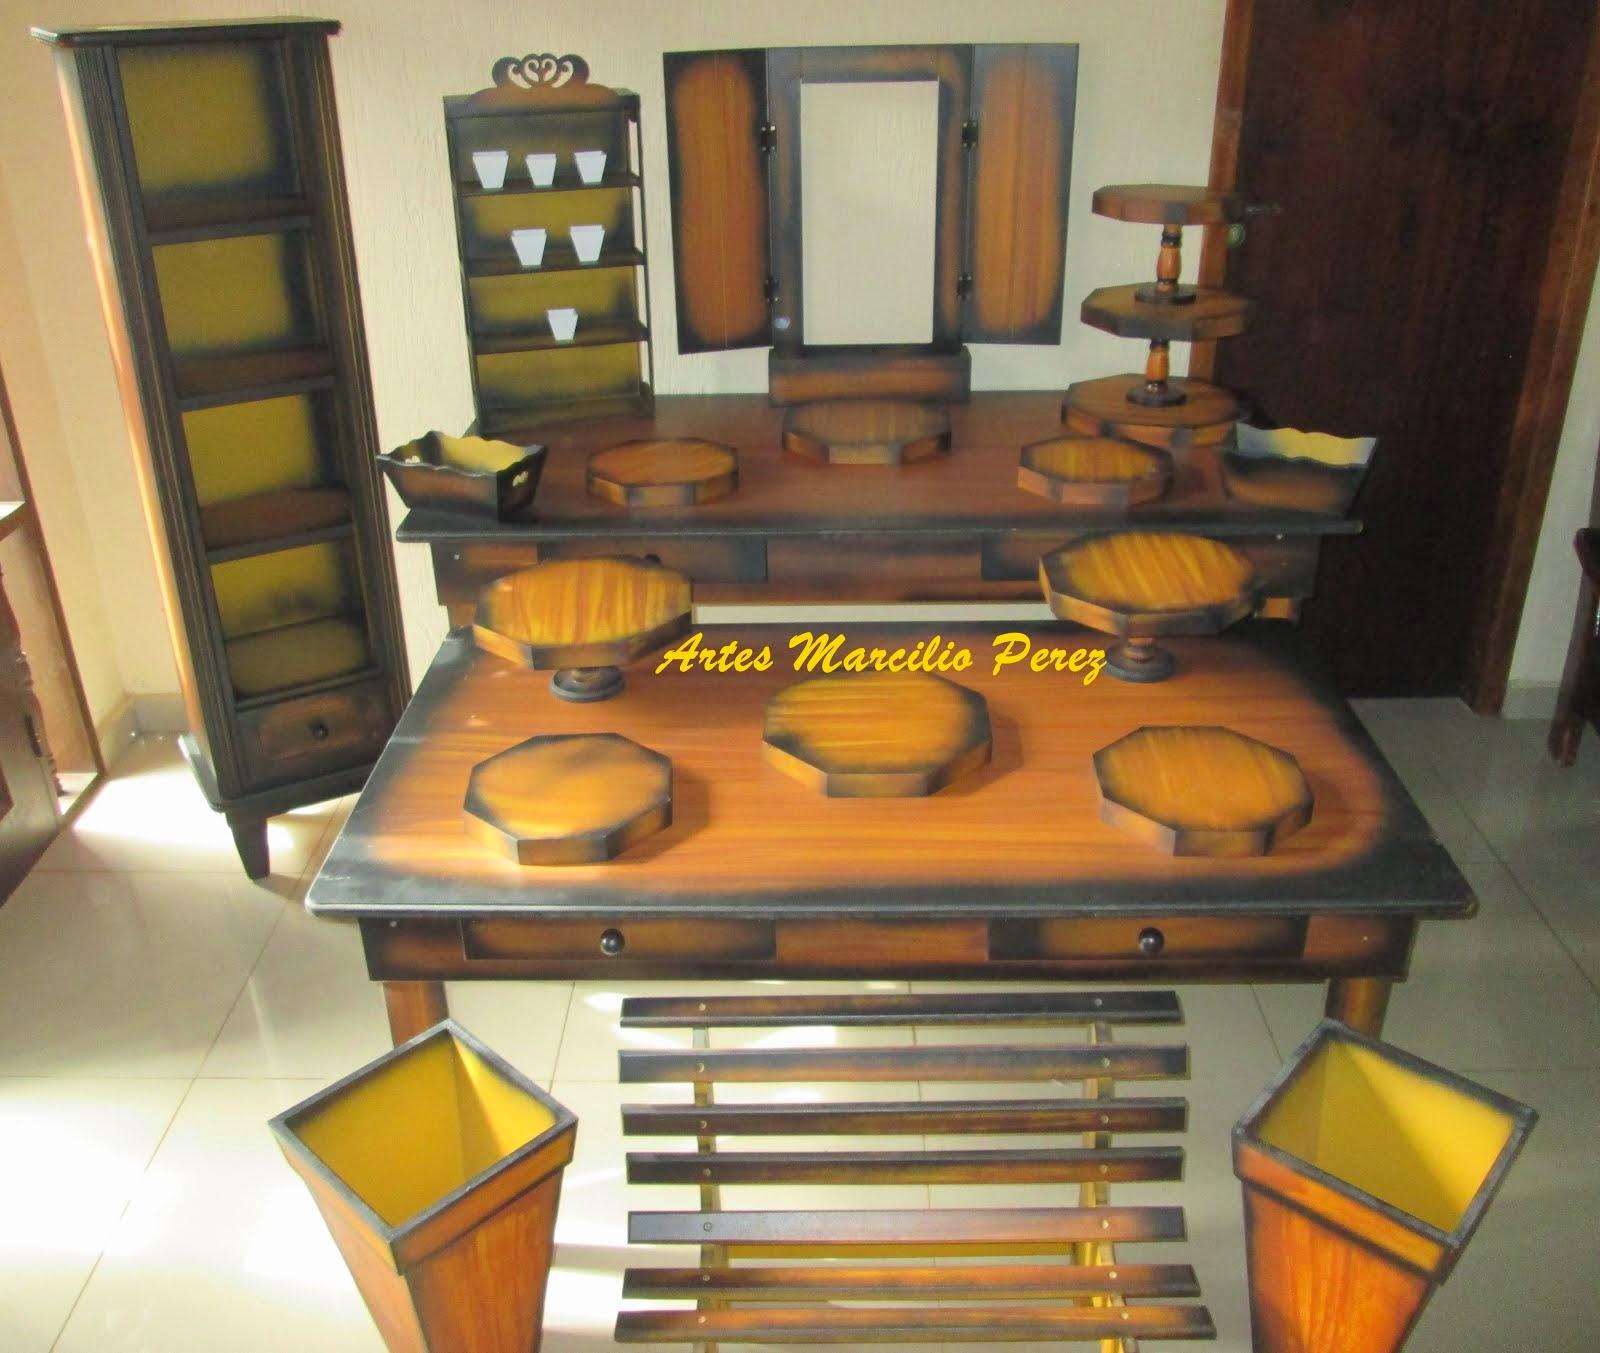 Conjunto completo rustico 21 peças R$ 2.300,00 sendo 2 mesas nas medidas de 1.60x80x80 e 1.40x80x65